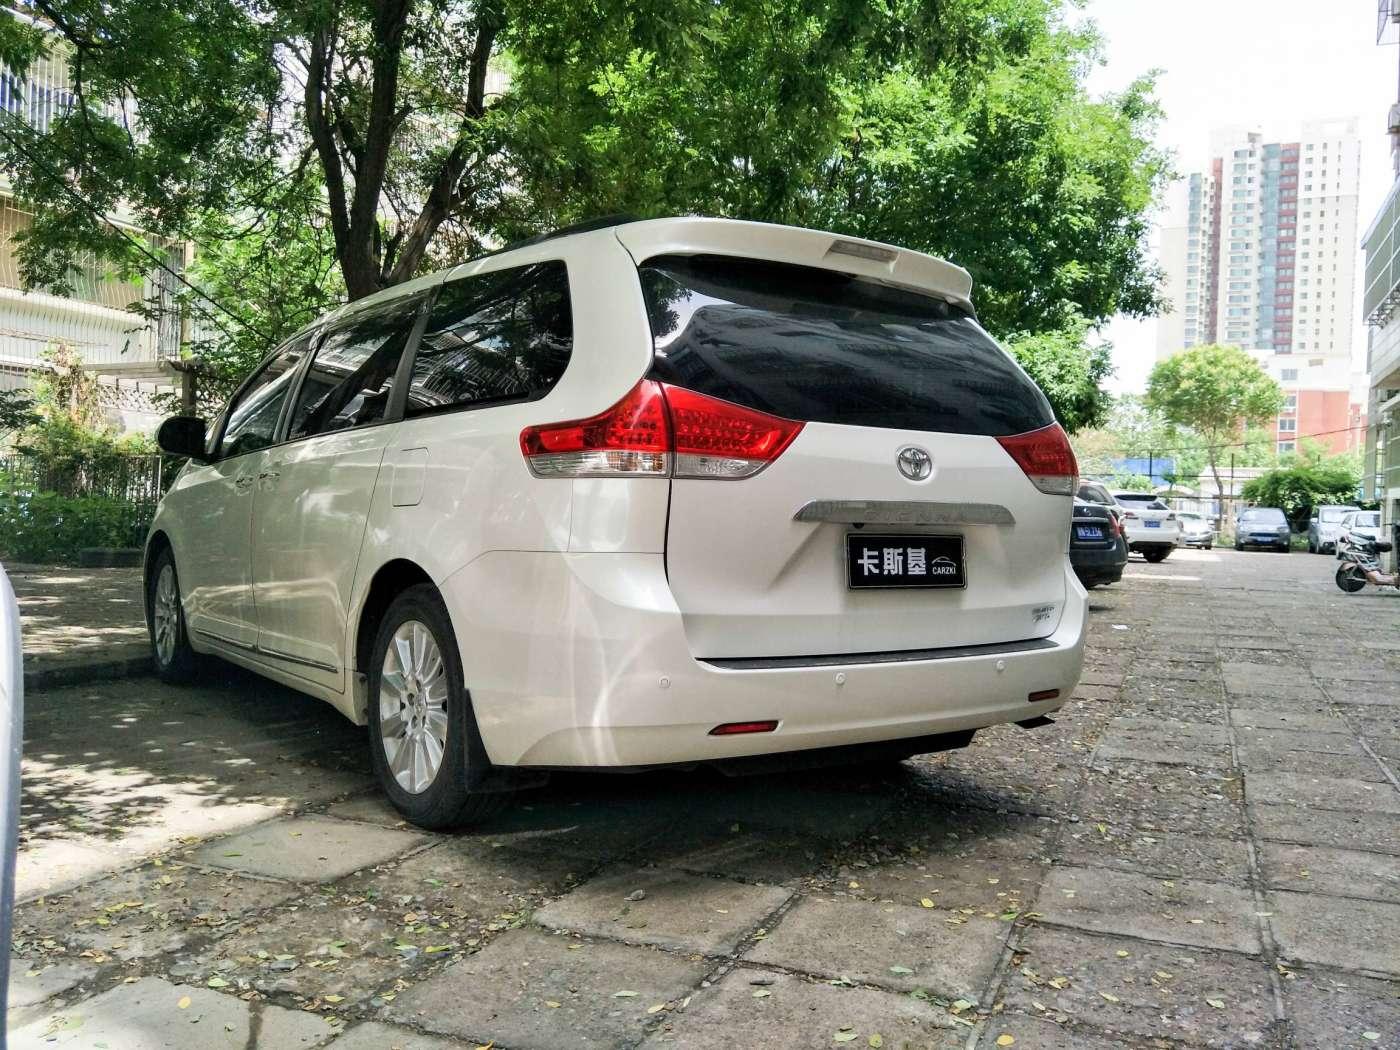 2015年04月 丰田 Sienna 2011款 3.5L 四驱自动型|甄选丰田-北京卡斯基汽车服务有限公司